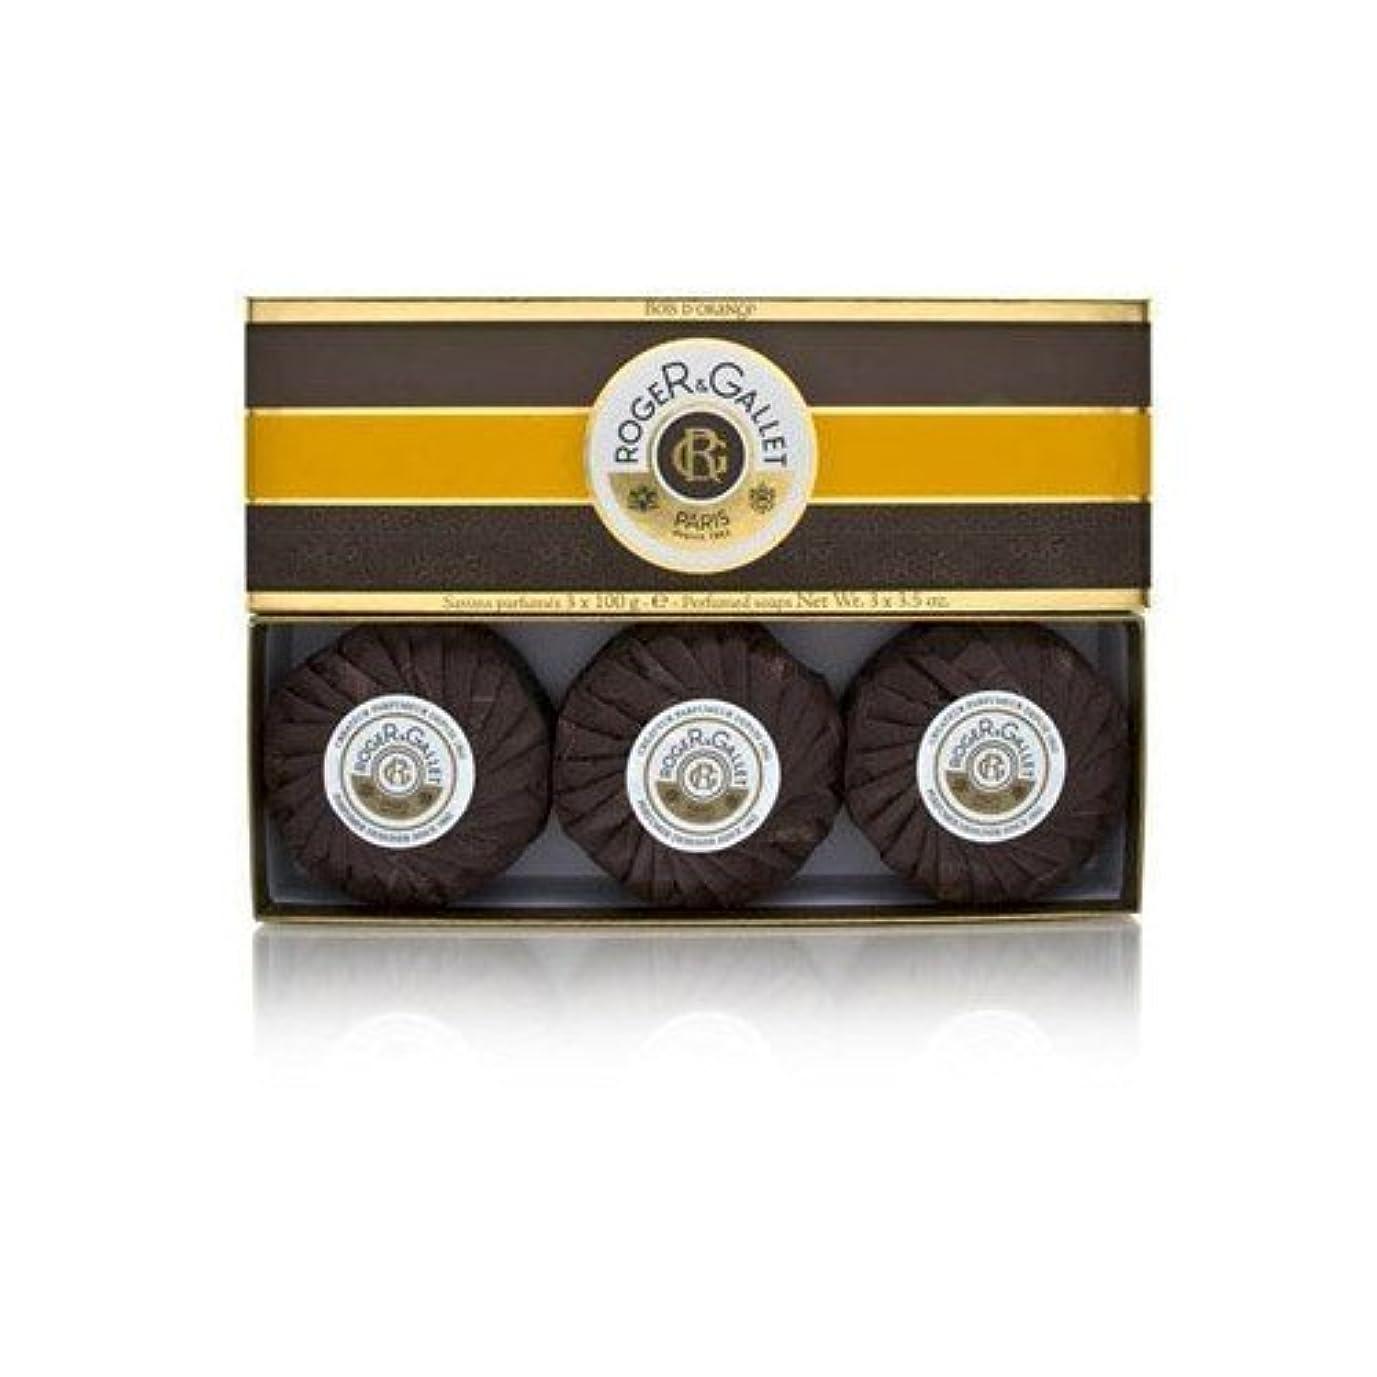 絶え間ない支払うラビリンスロジェガレ ボワ ドランジュ (オレンジツリー) 香水石鹸3個セット ROGER&GALLET BOIS D'ORANGE PERFUMED SOAP [0161]